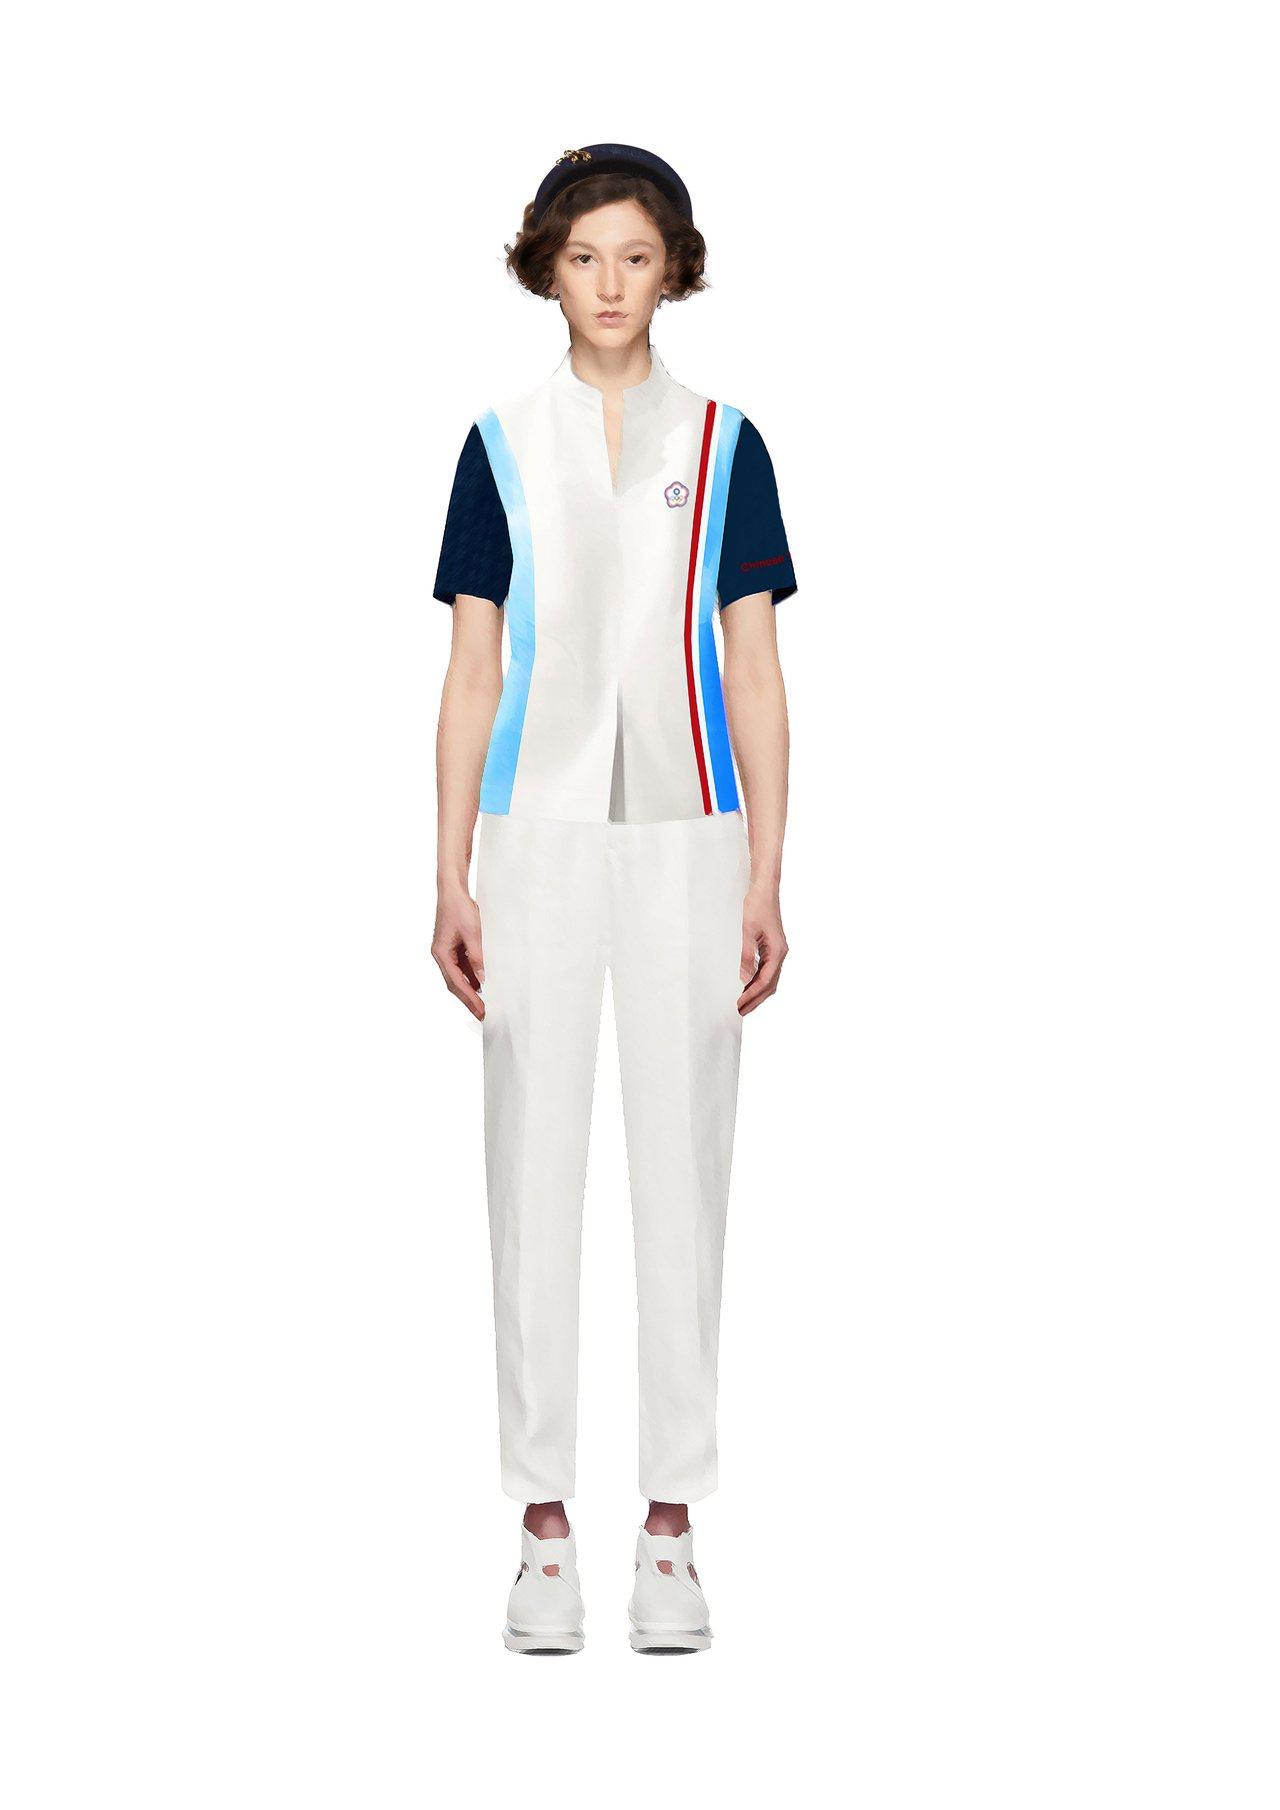 2020年東京奧運中華代表團進場服裝的女生款,在腰際、腹部都有做開衩細節設計帶來...